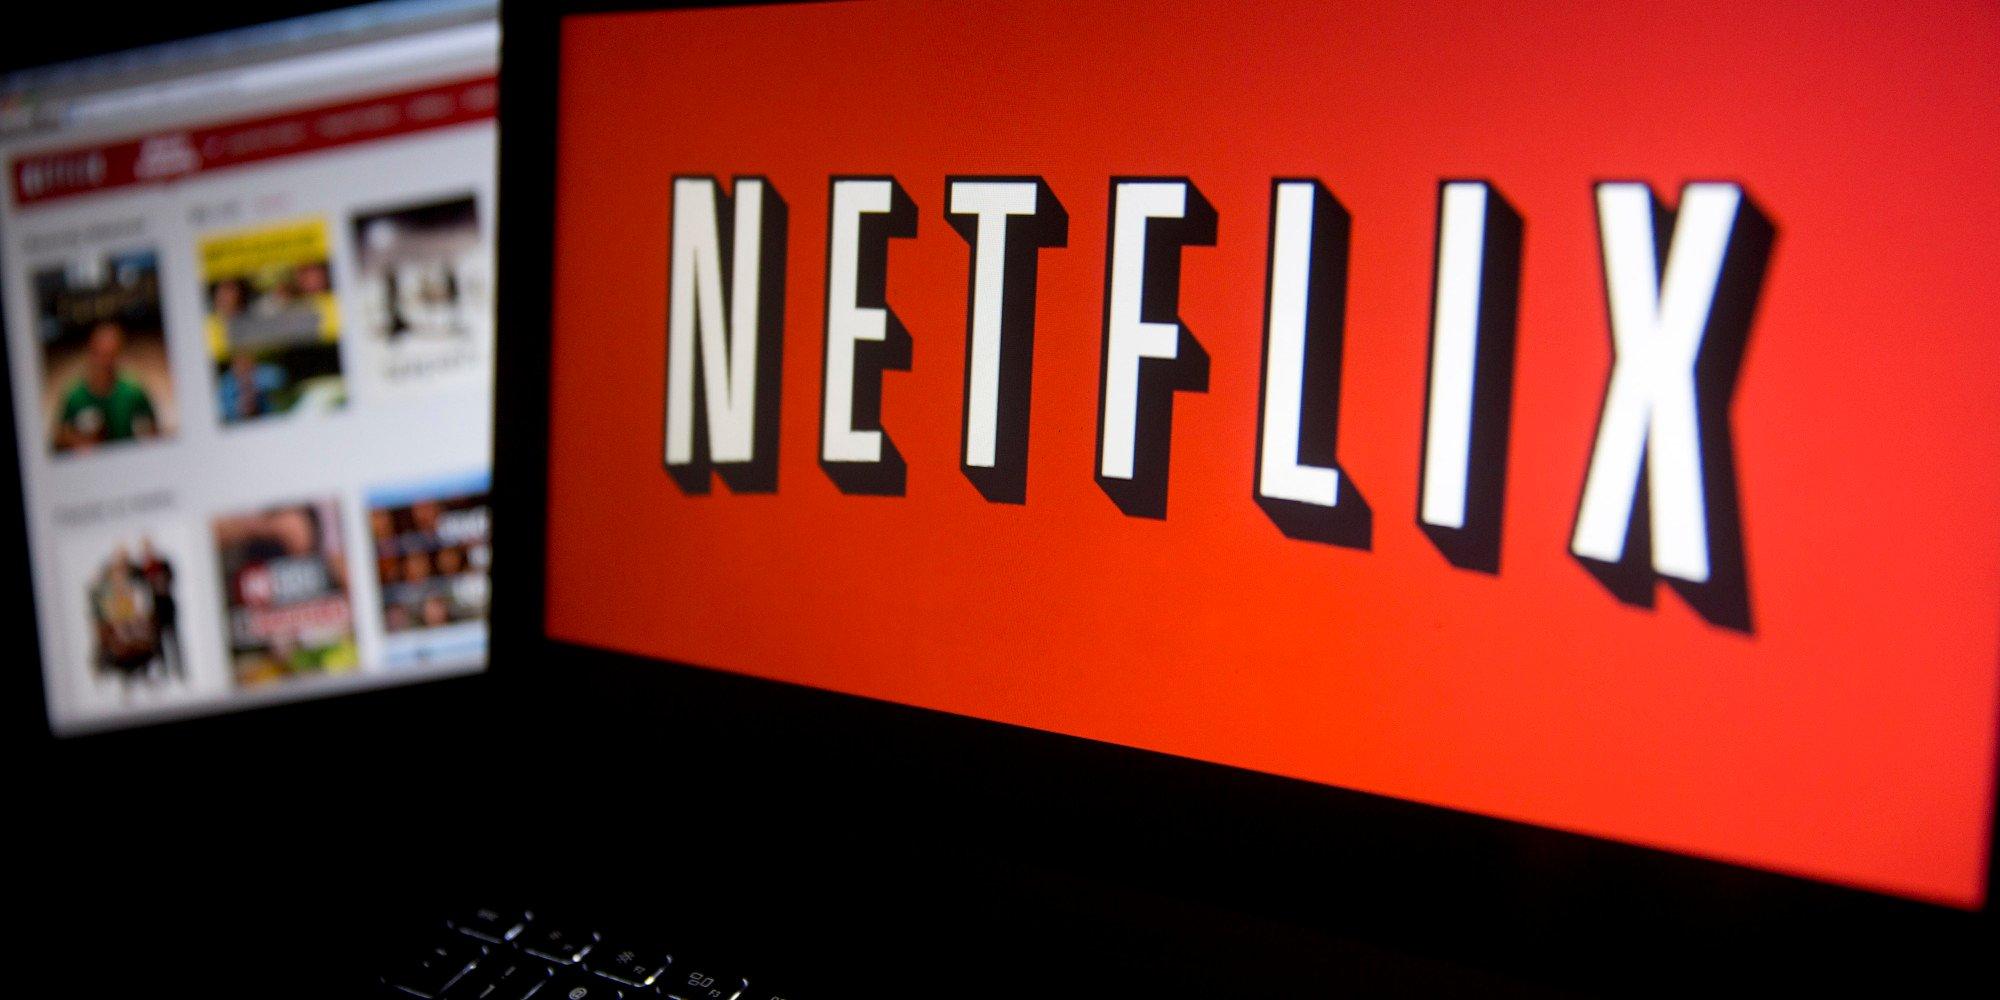 Netflix acumula US$20 bilhões em dívidas após empréstimos para produções de séries originais